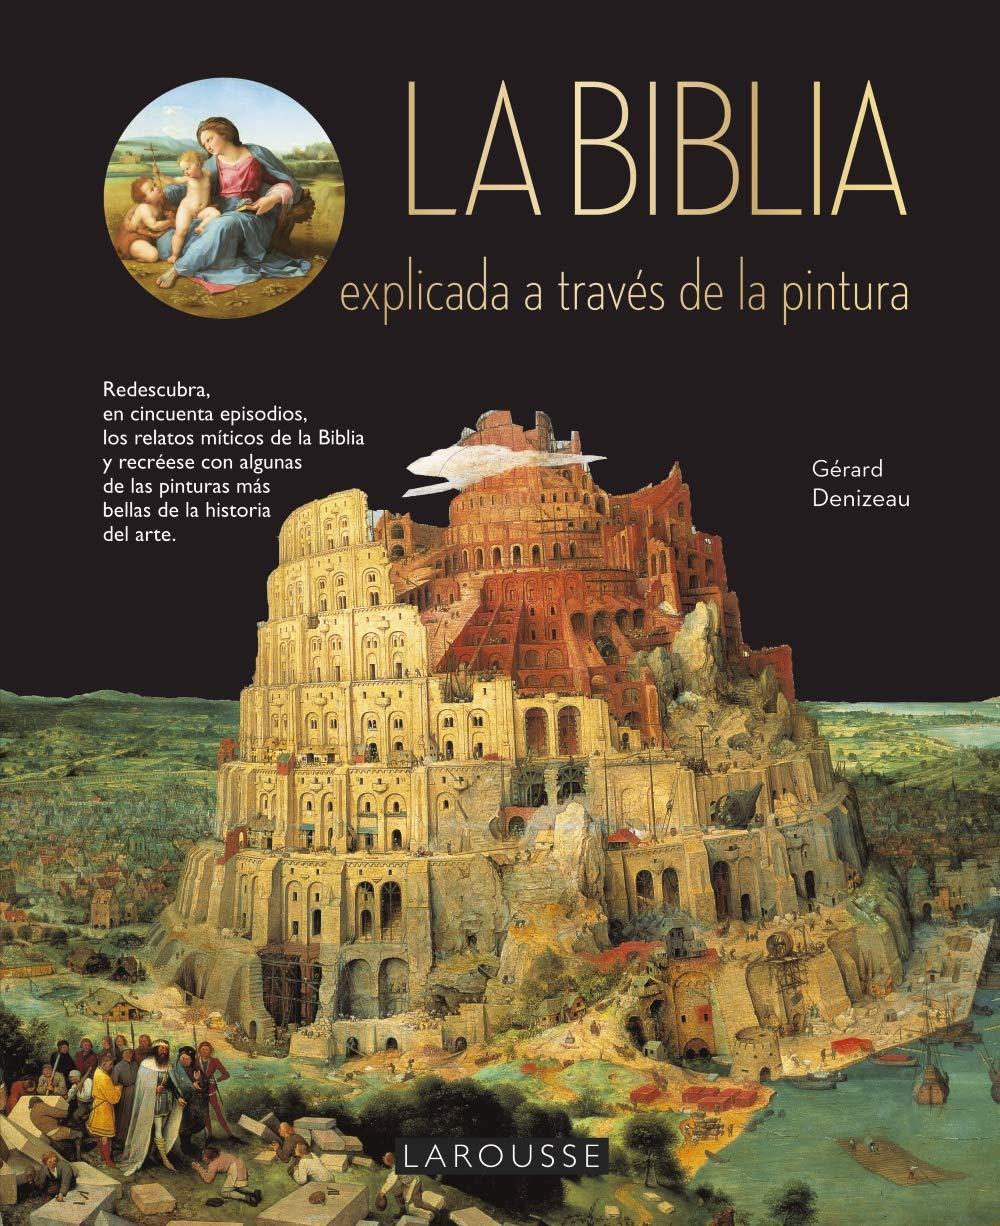 La Biblia explicada a través de la pintura: Amazon.es: Denizeau, Gérard, Agencias, Homedes Beutnagel, Jofre: Libros